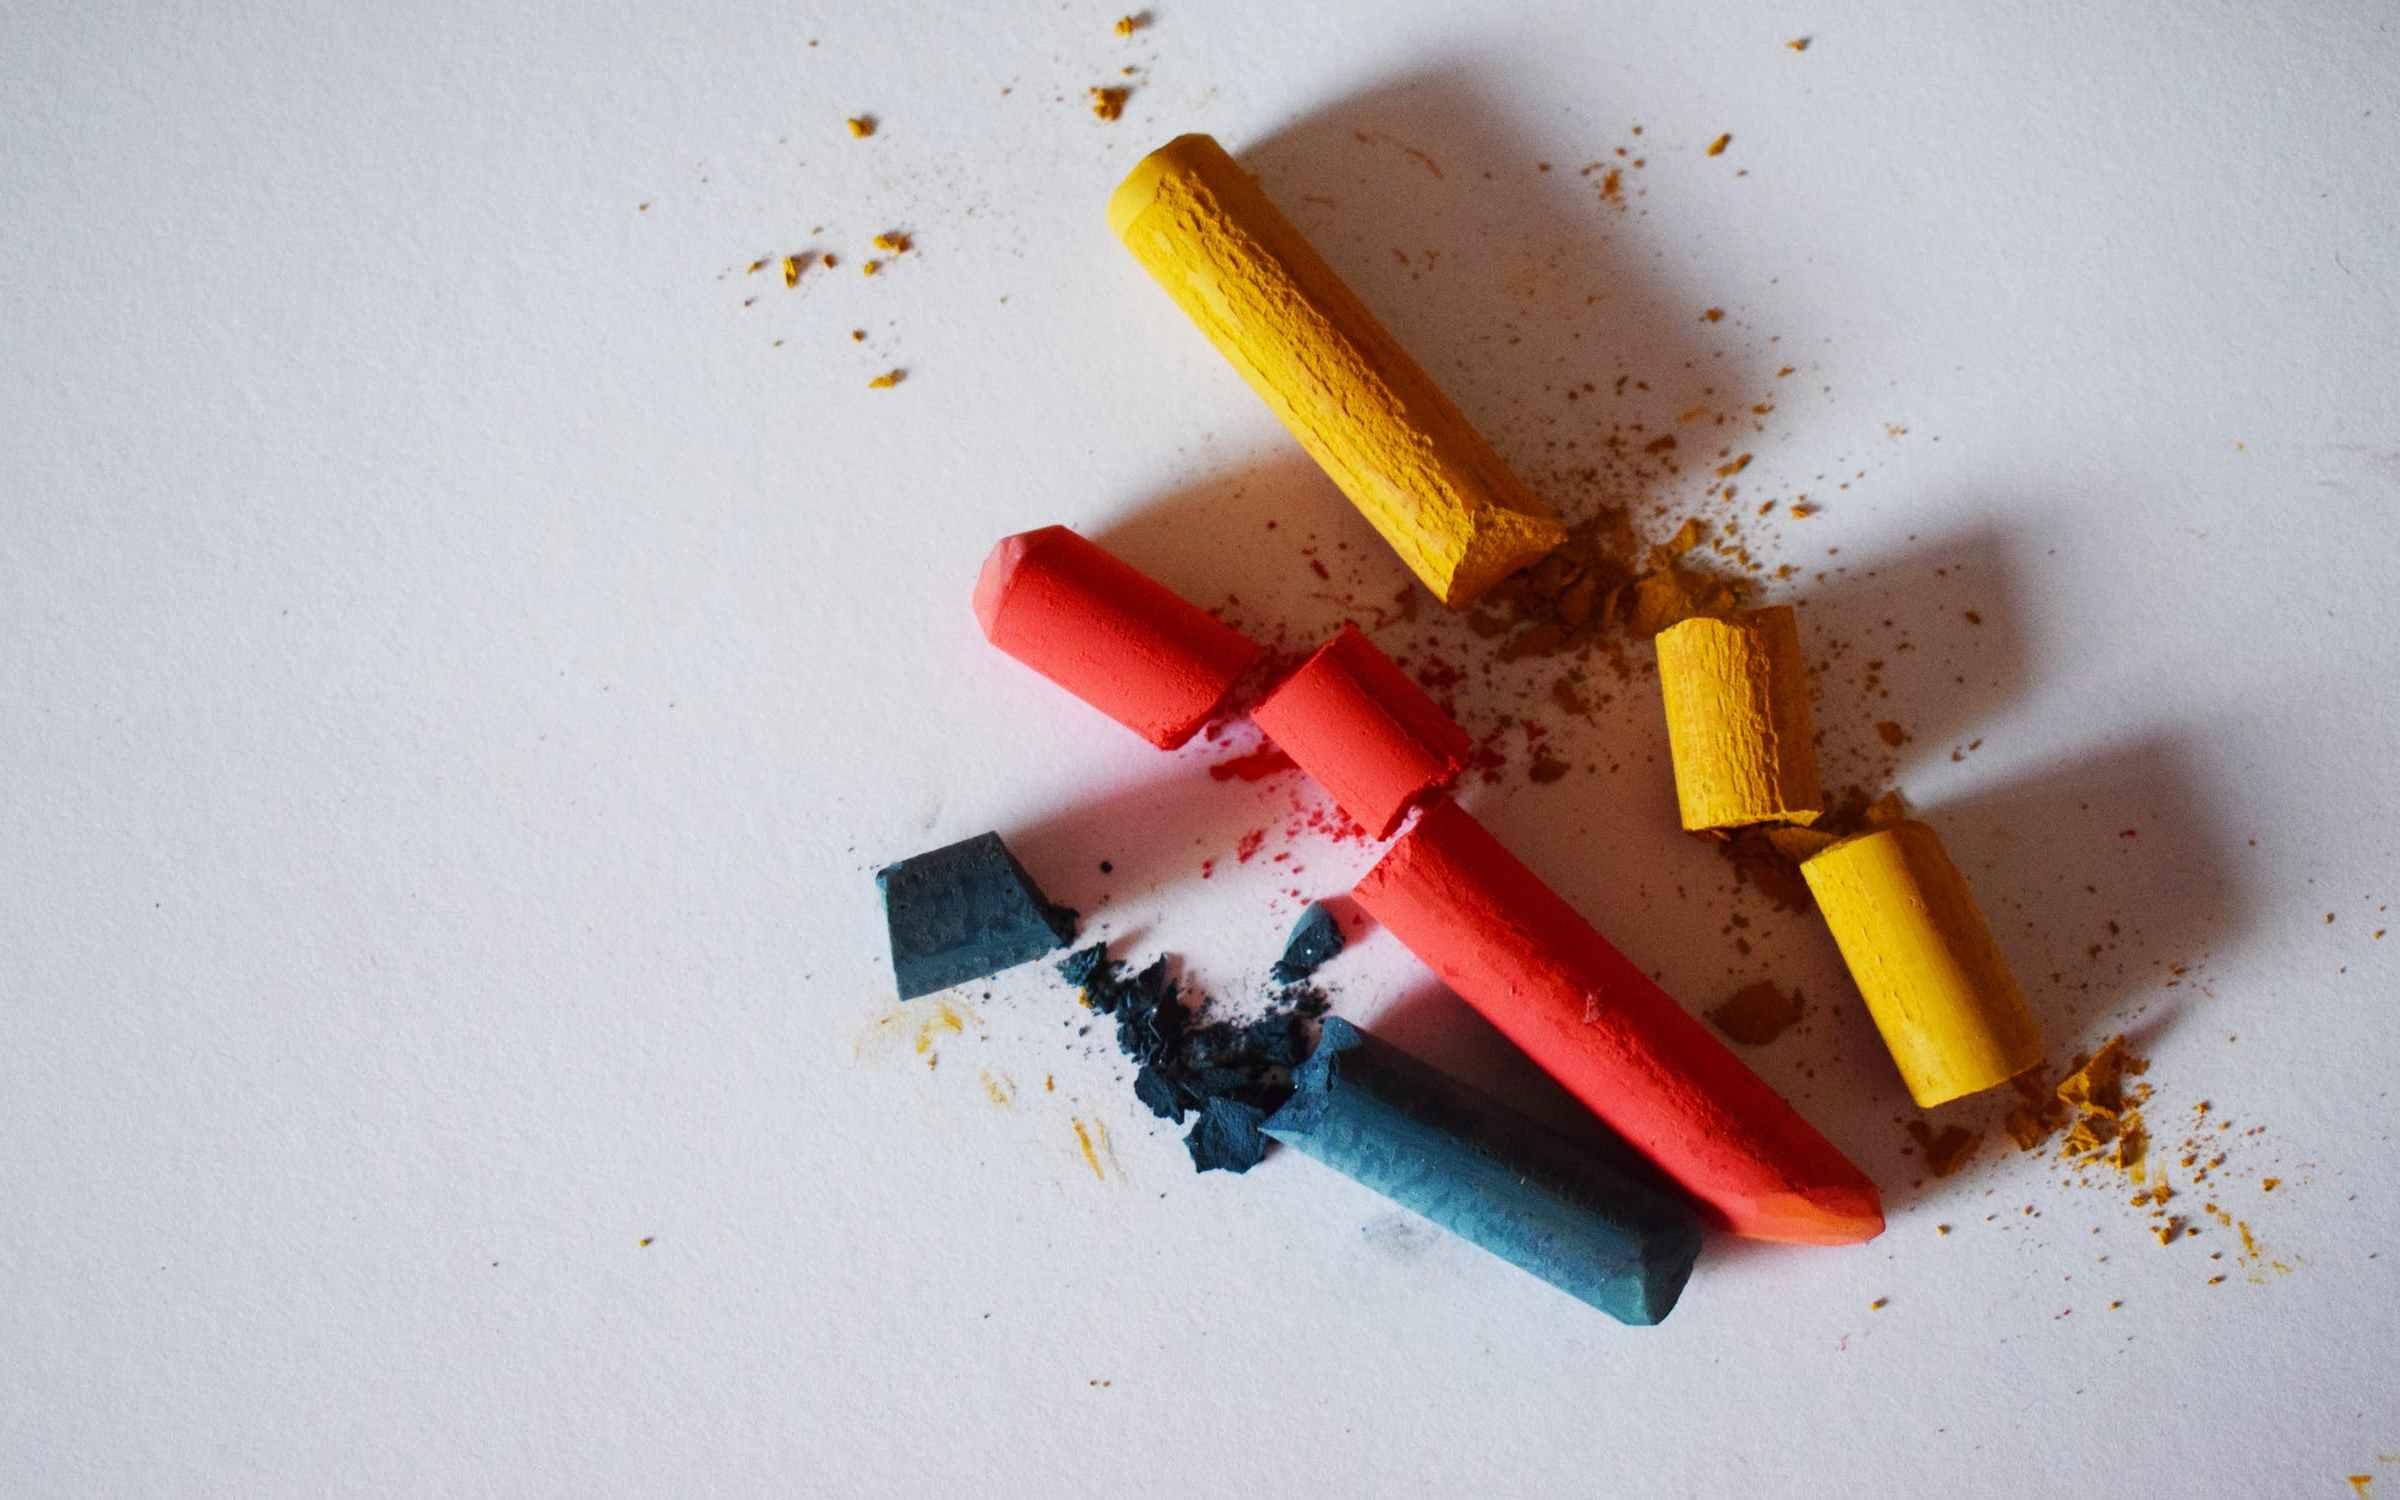 Žuta, crvena i plava kreda slomljene kao simbol prekinutog prijateljstva.